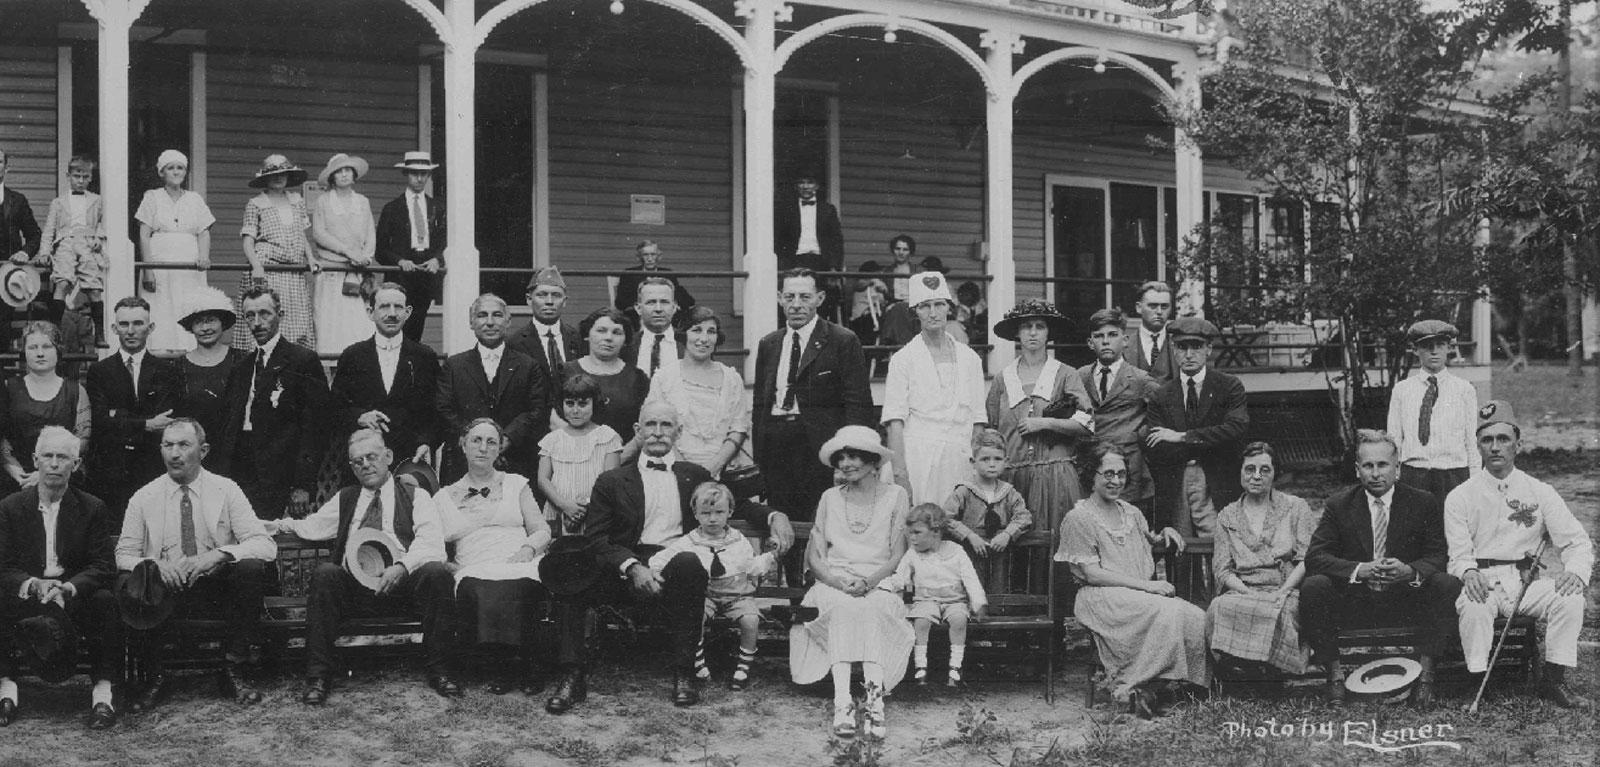 Moosehaven 1922